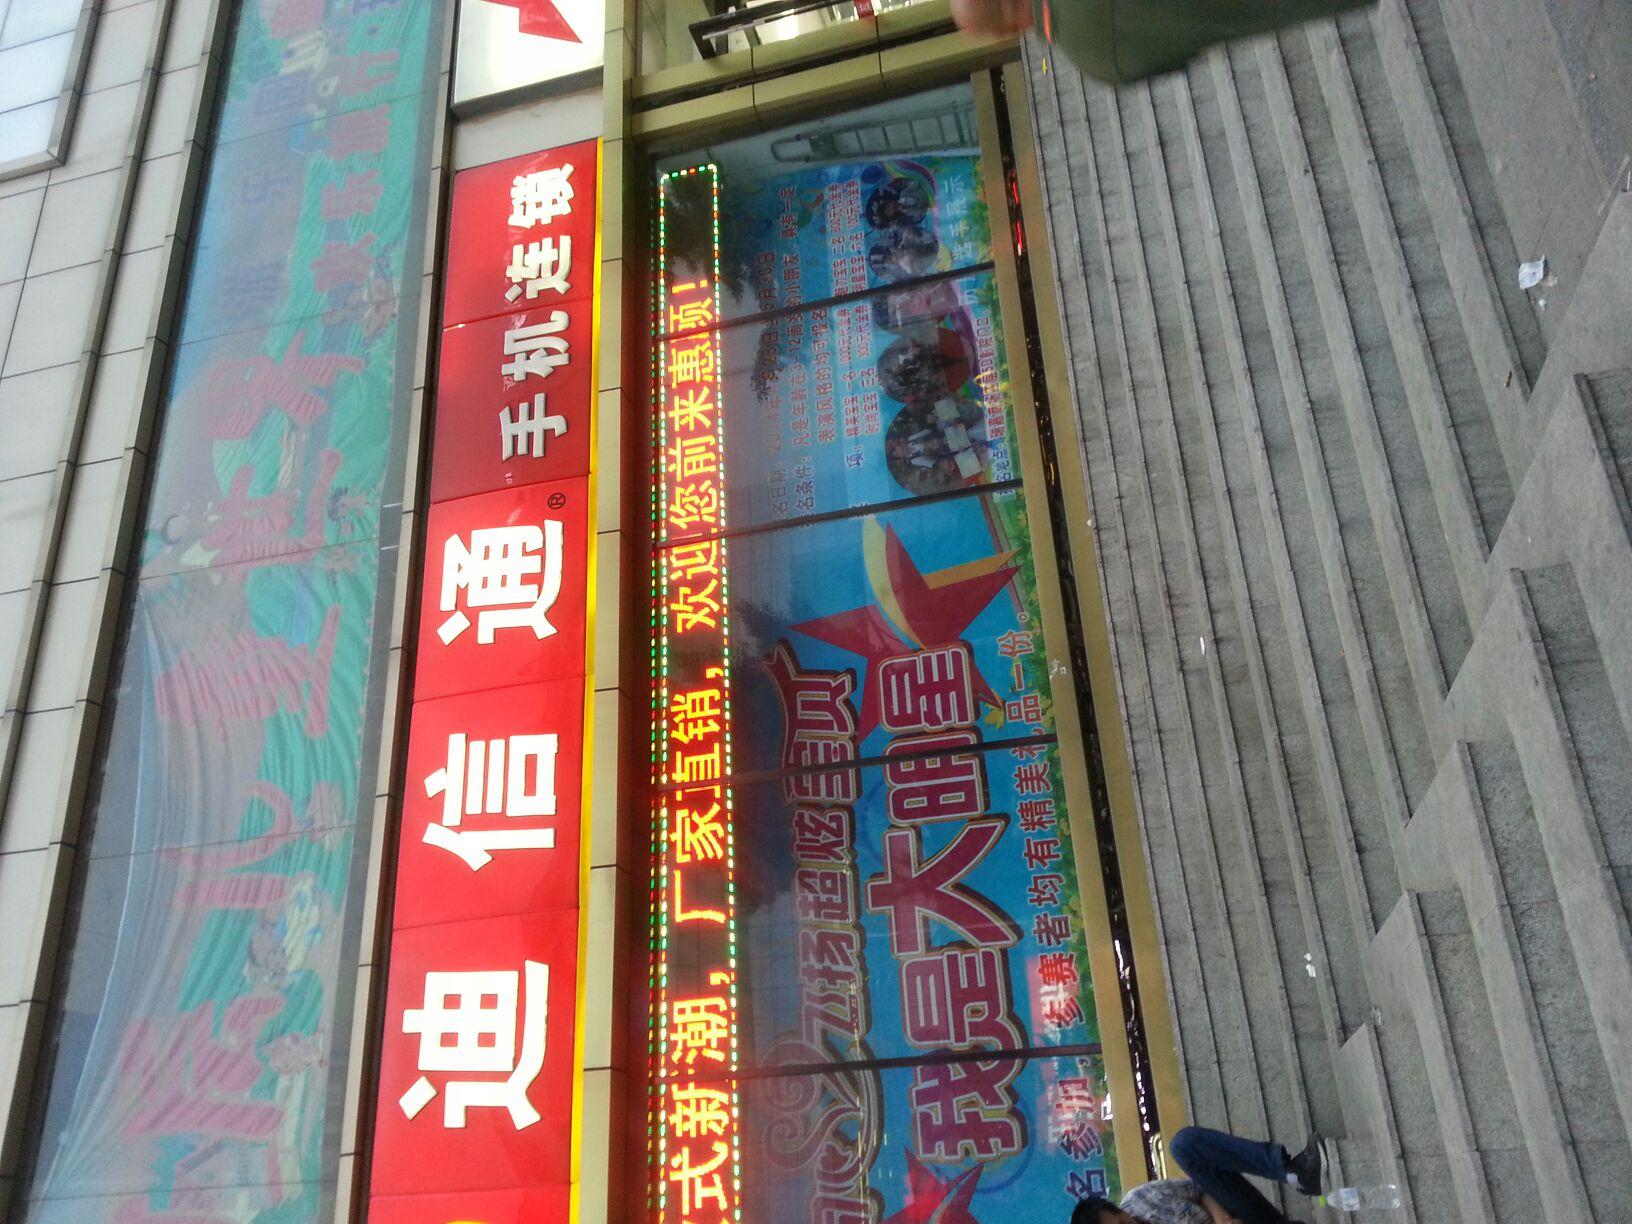 迪信通手机连锁(北京密云瑞嘉店)